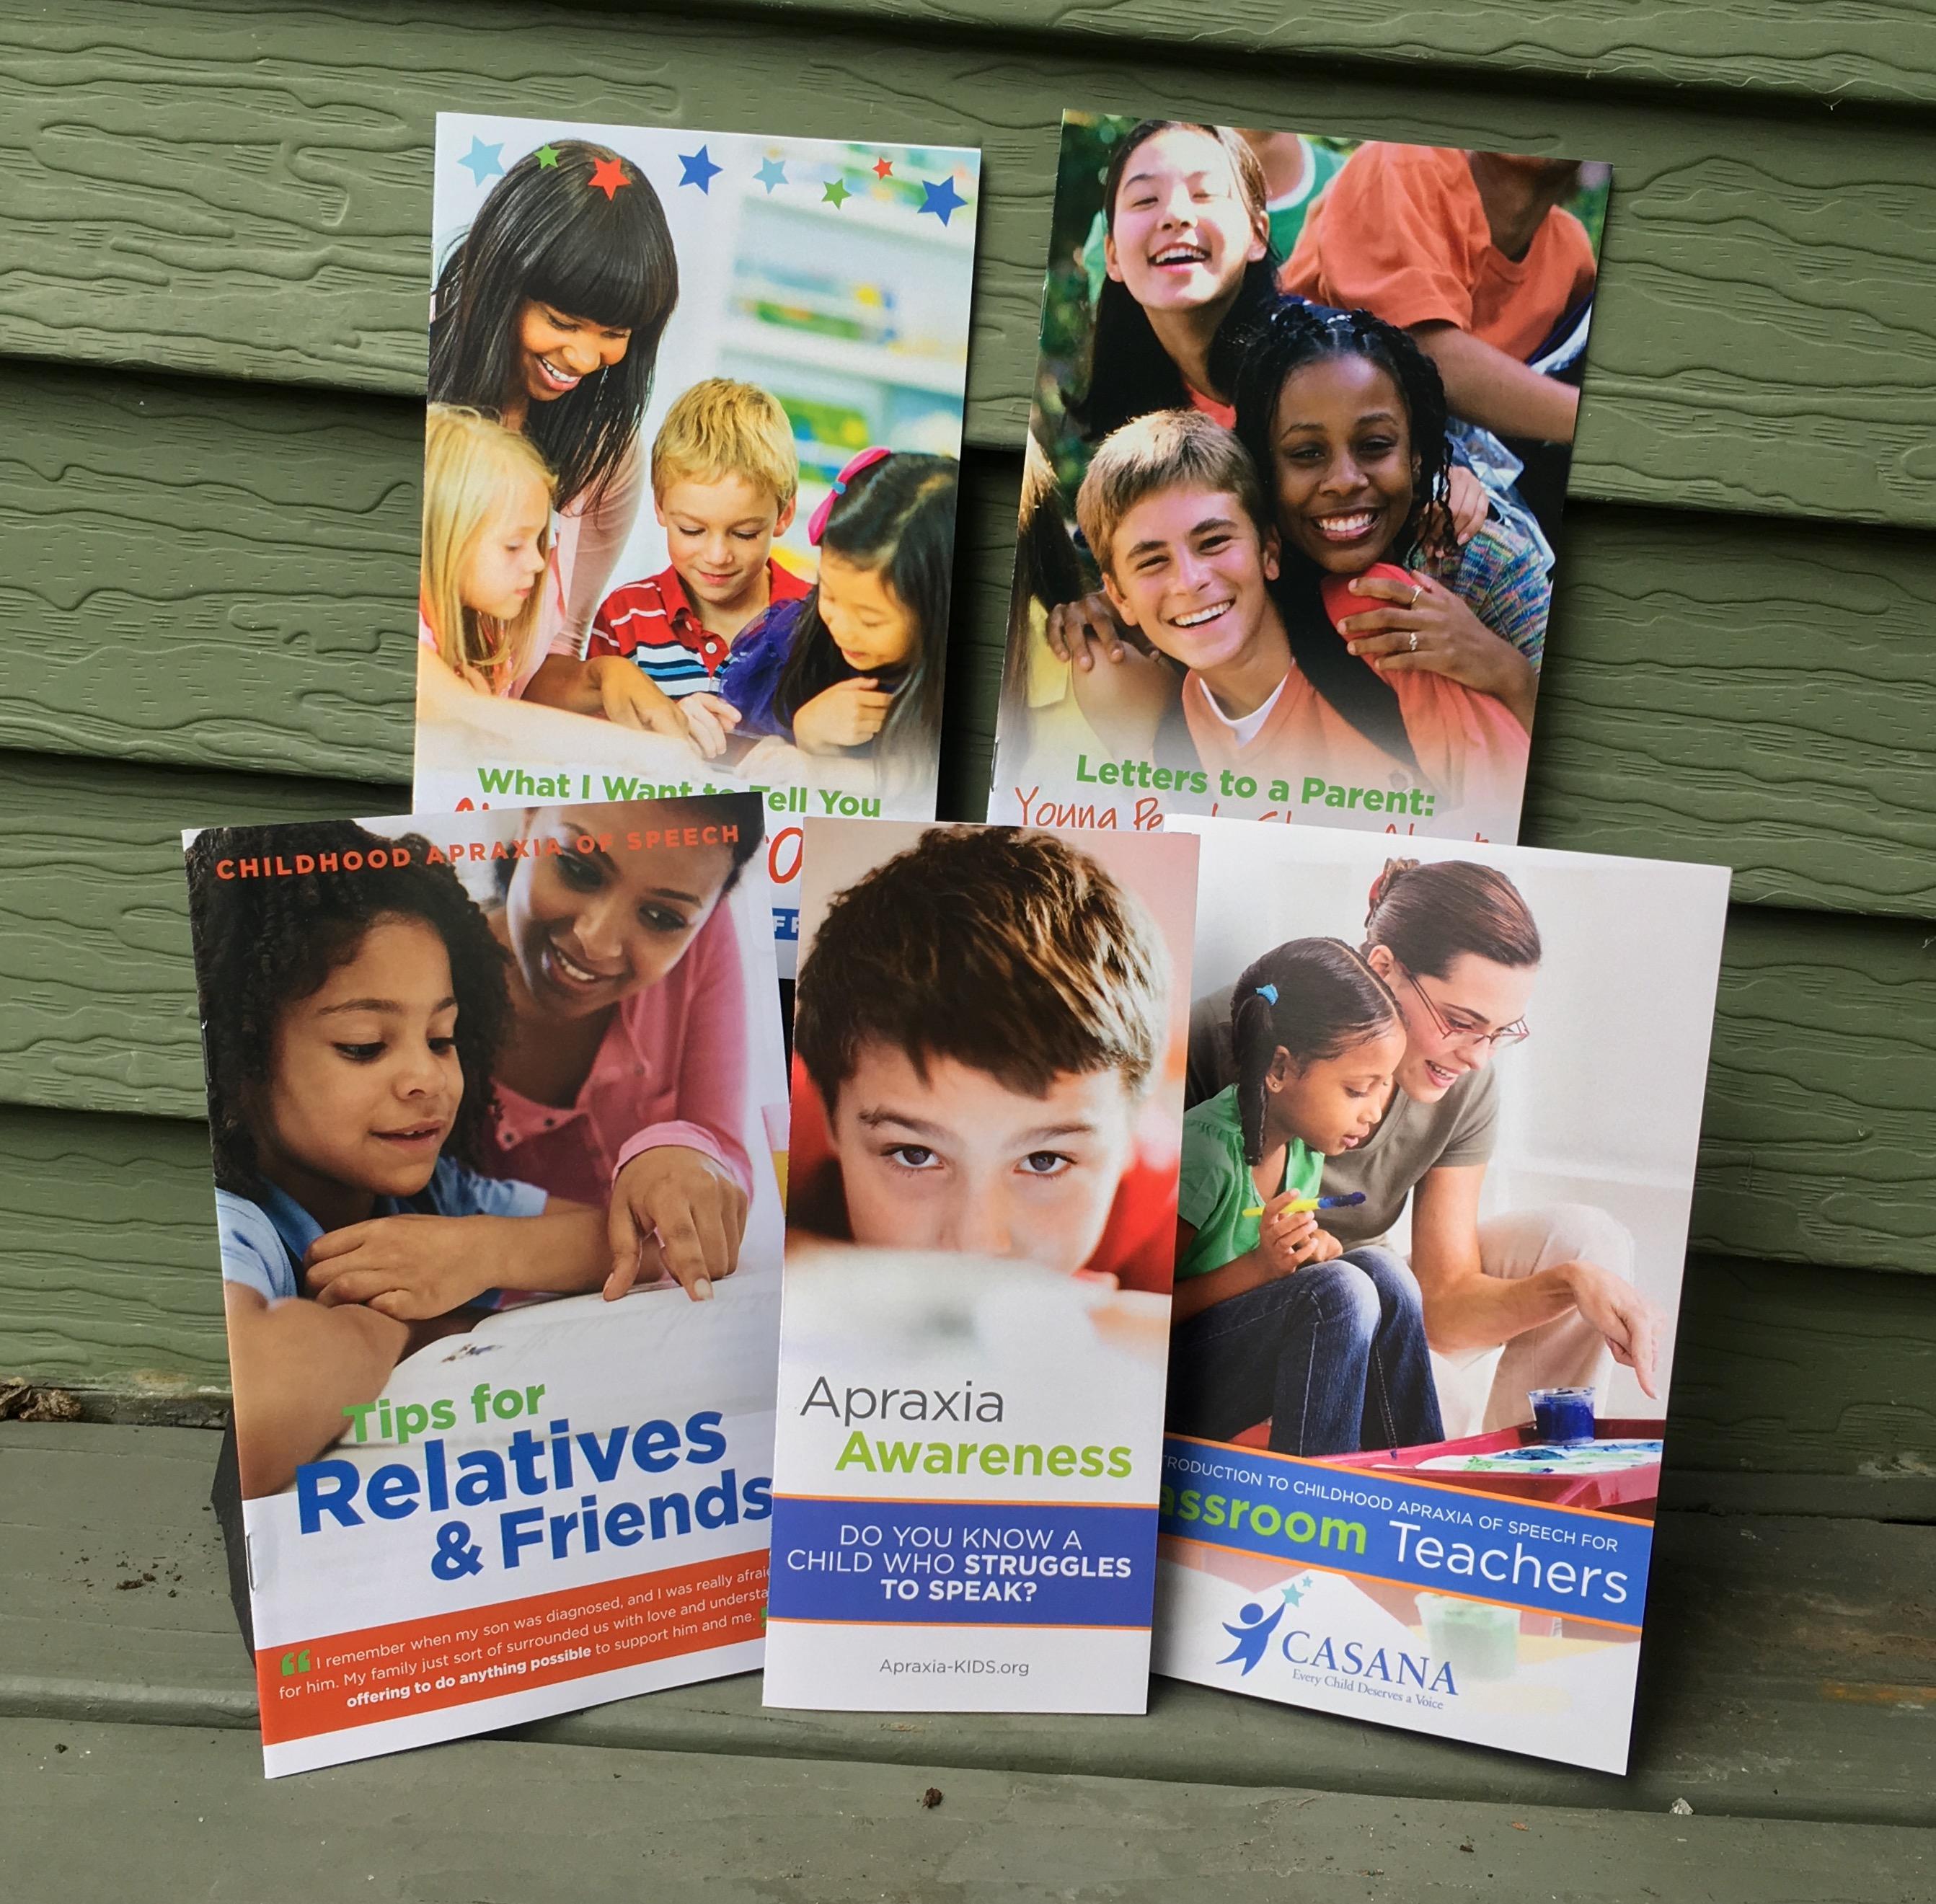 2017 Apraxia Awareness Day Materials